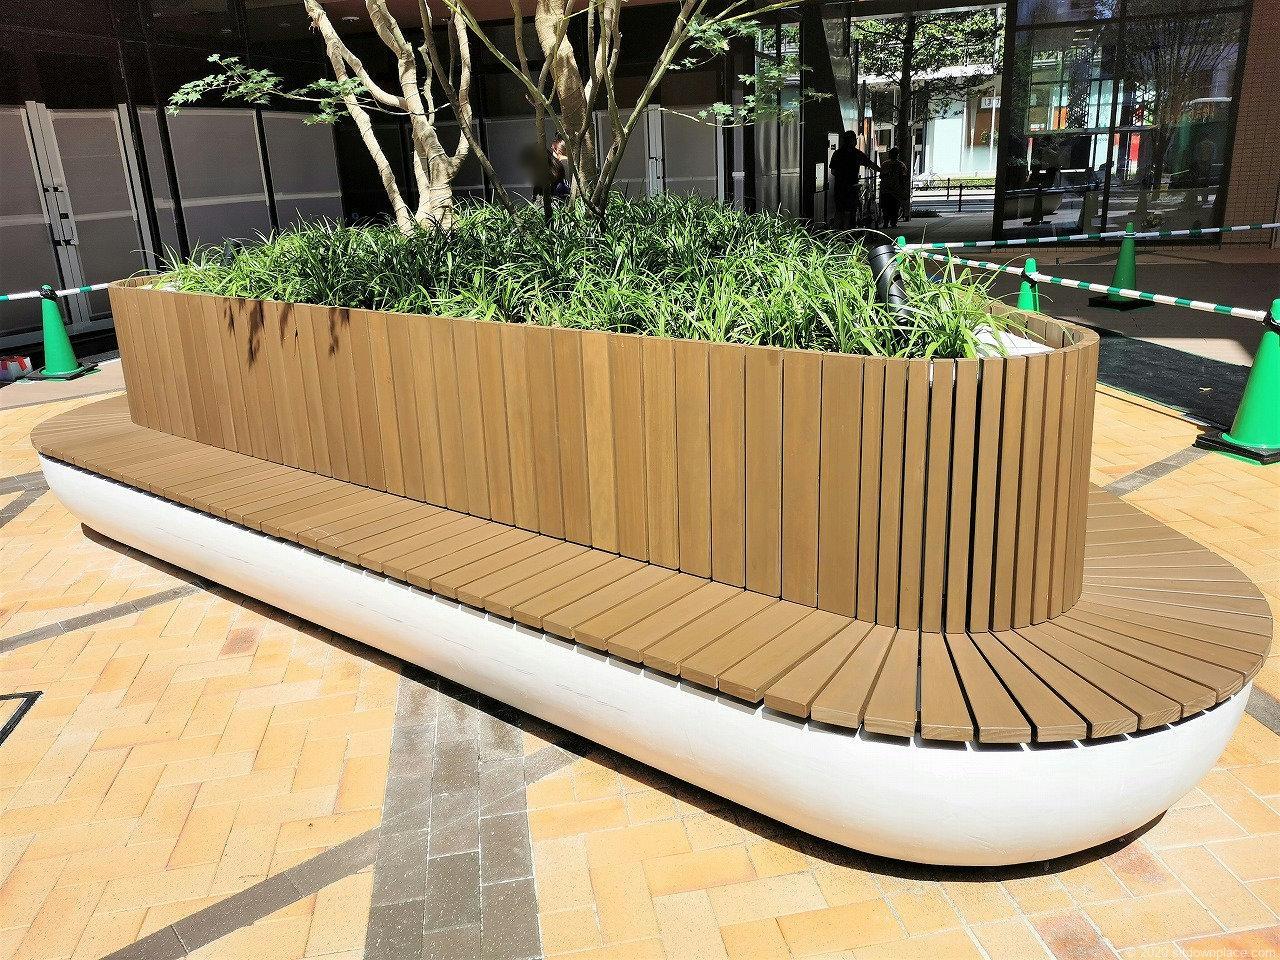 武蔵小杉駅 コスギサードアベニュー センタースクエアの木製ベンチ